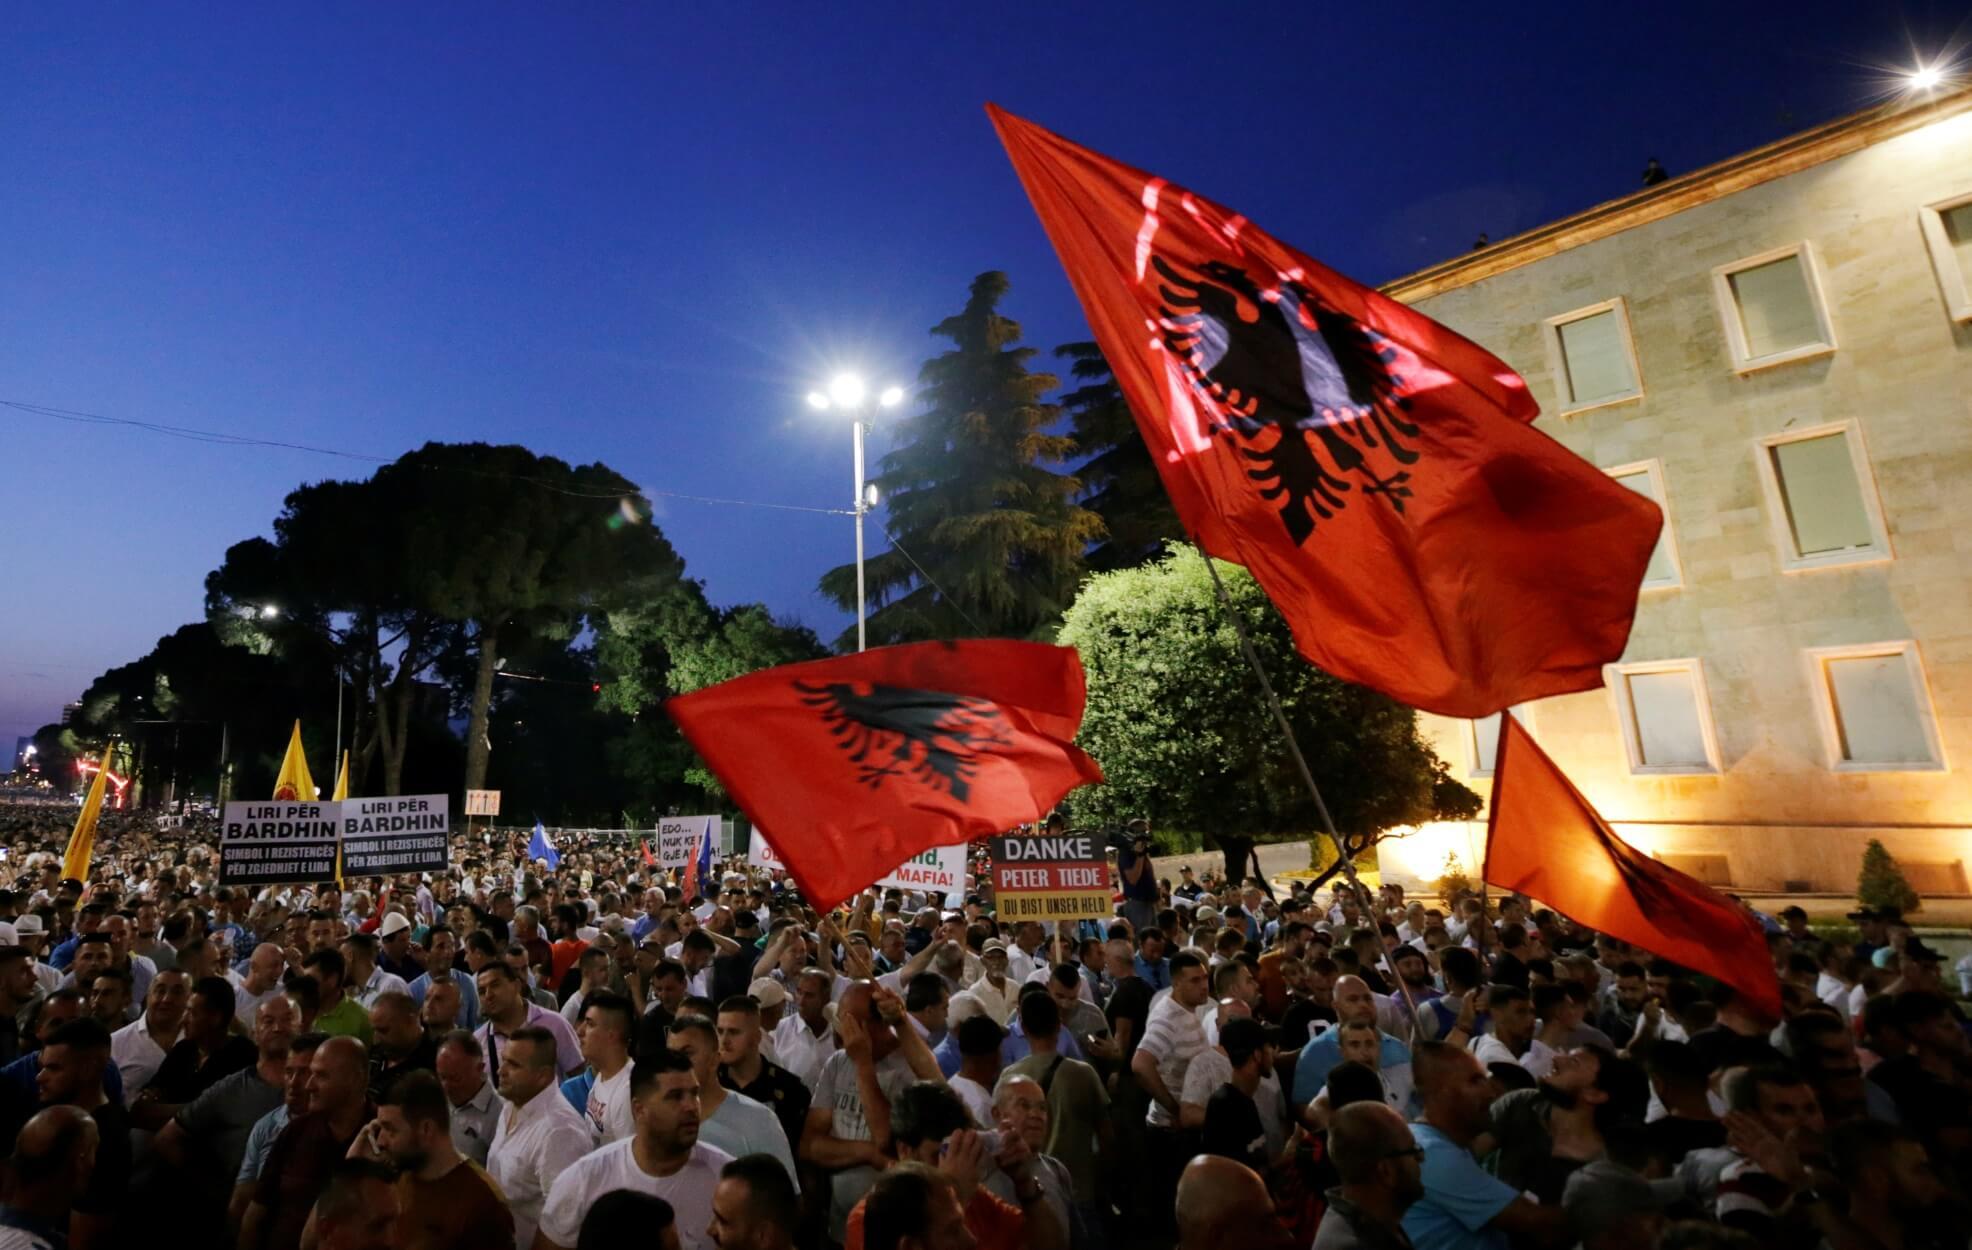 Αλβανία: Πυρπολημένα εκλογικά κέντρα και ταραχές λίγες ώρες πριν τις δημοτικές εκλογές της Κυριακής!